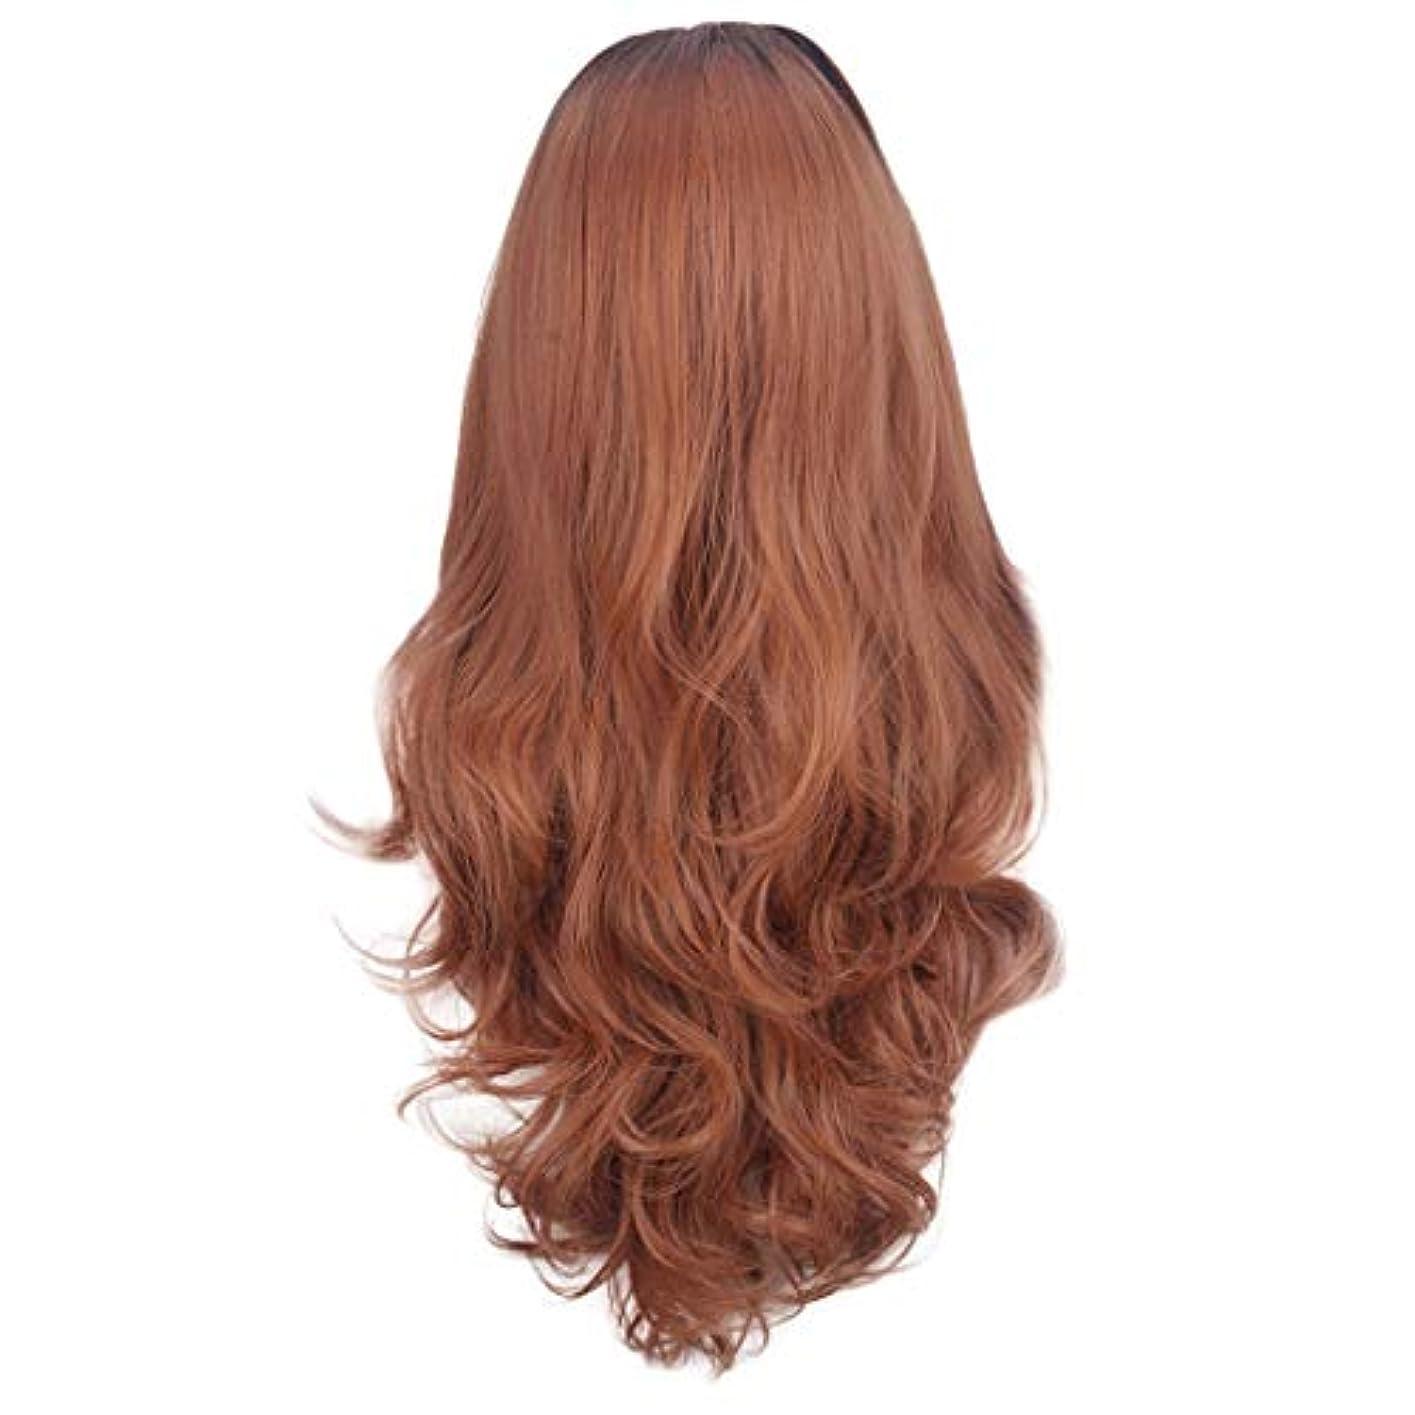 免疫するクランプ物質茶色の女性のかつらの長い巻き毛のフロントレースかつら80CM